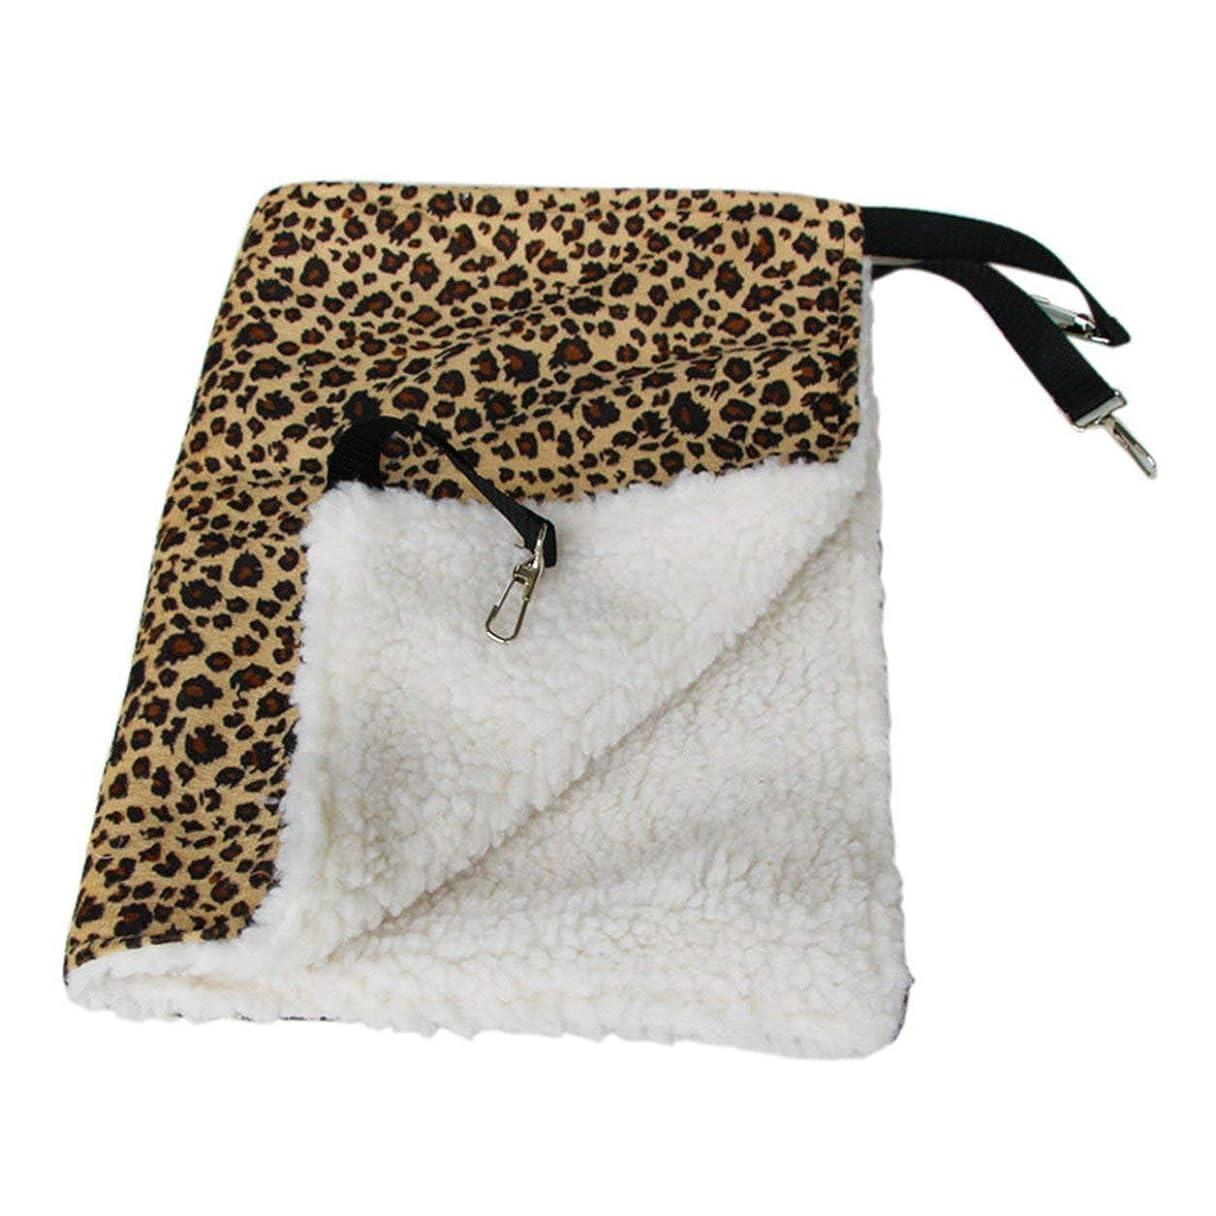 入場料アダルトシェアSaikogoods 暖かいハンギング猫ベッドマットソフトキャットハンモック冬ハンモックペット子猫ケージベッドカバークッションエアベッドペット 黄 L